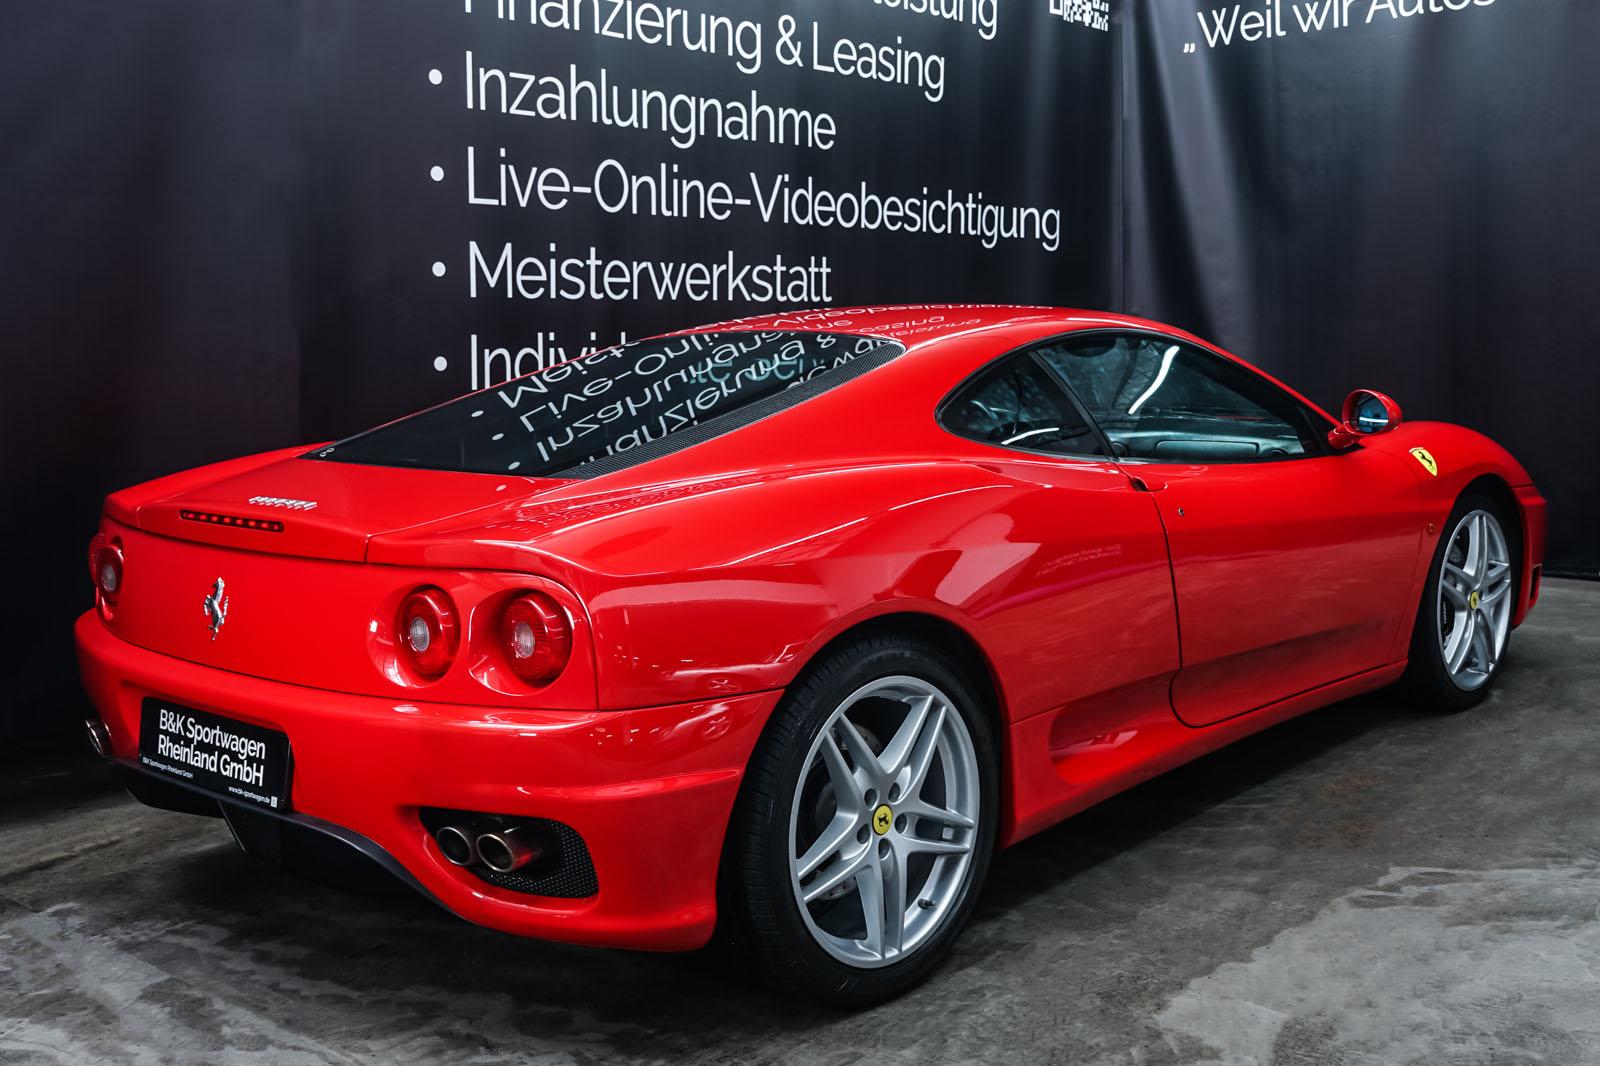 Ferrari_360_Modena_Rot_Schwarz_FER-4576_15_w